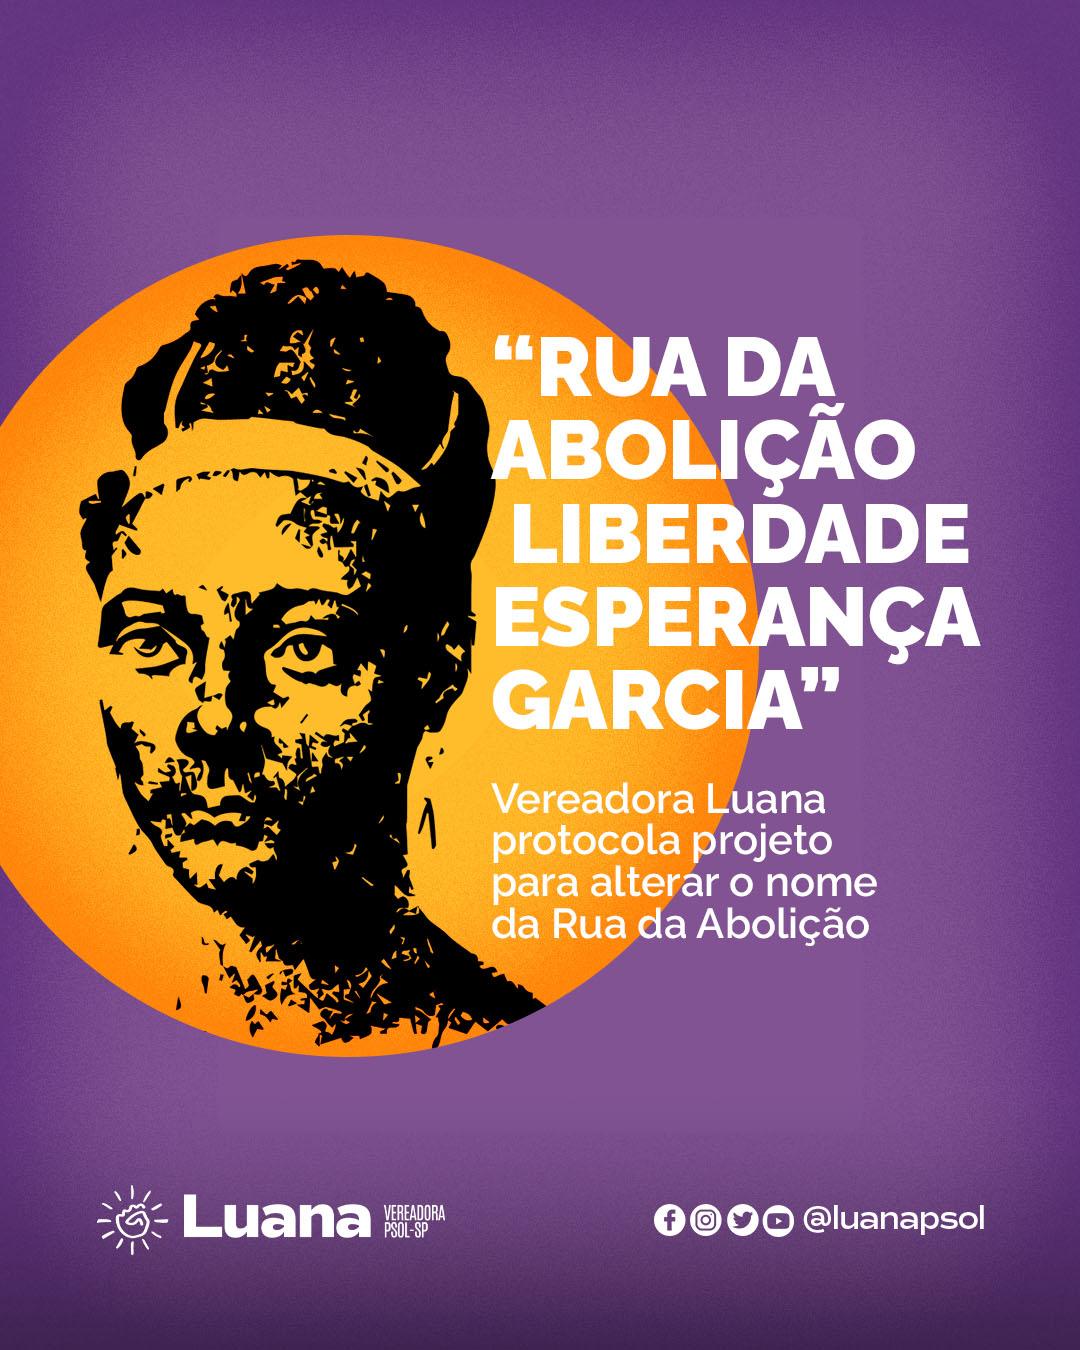 Projeto de Lei da vereadora Luana Alves sugere mudança de nome de rua em homenagem à primeira advogada negra brasileira